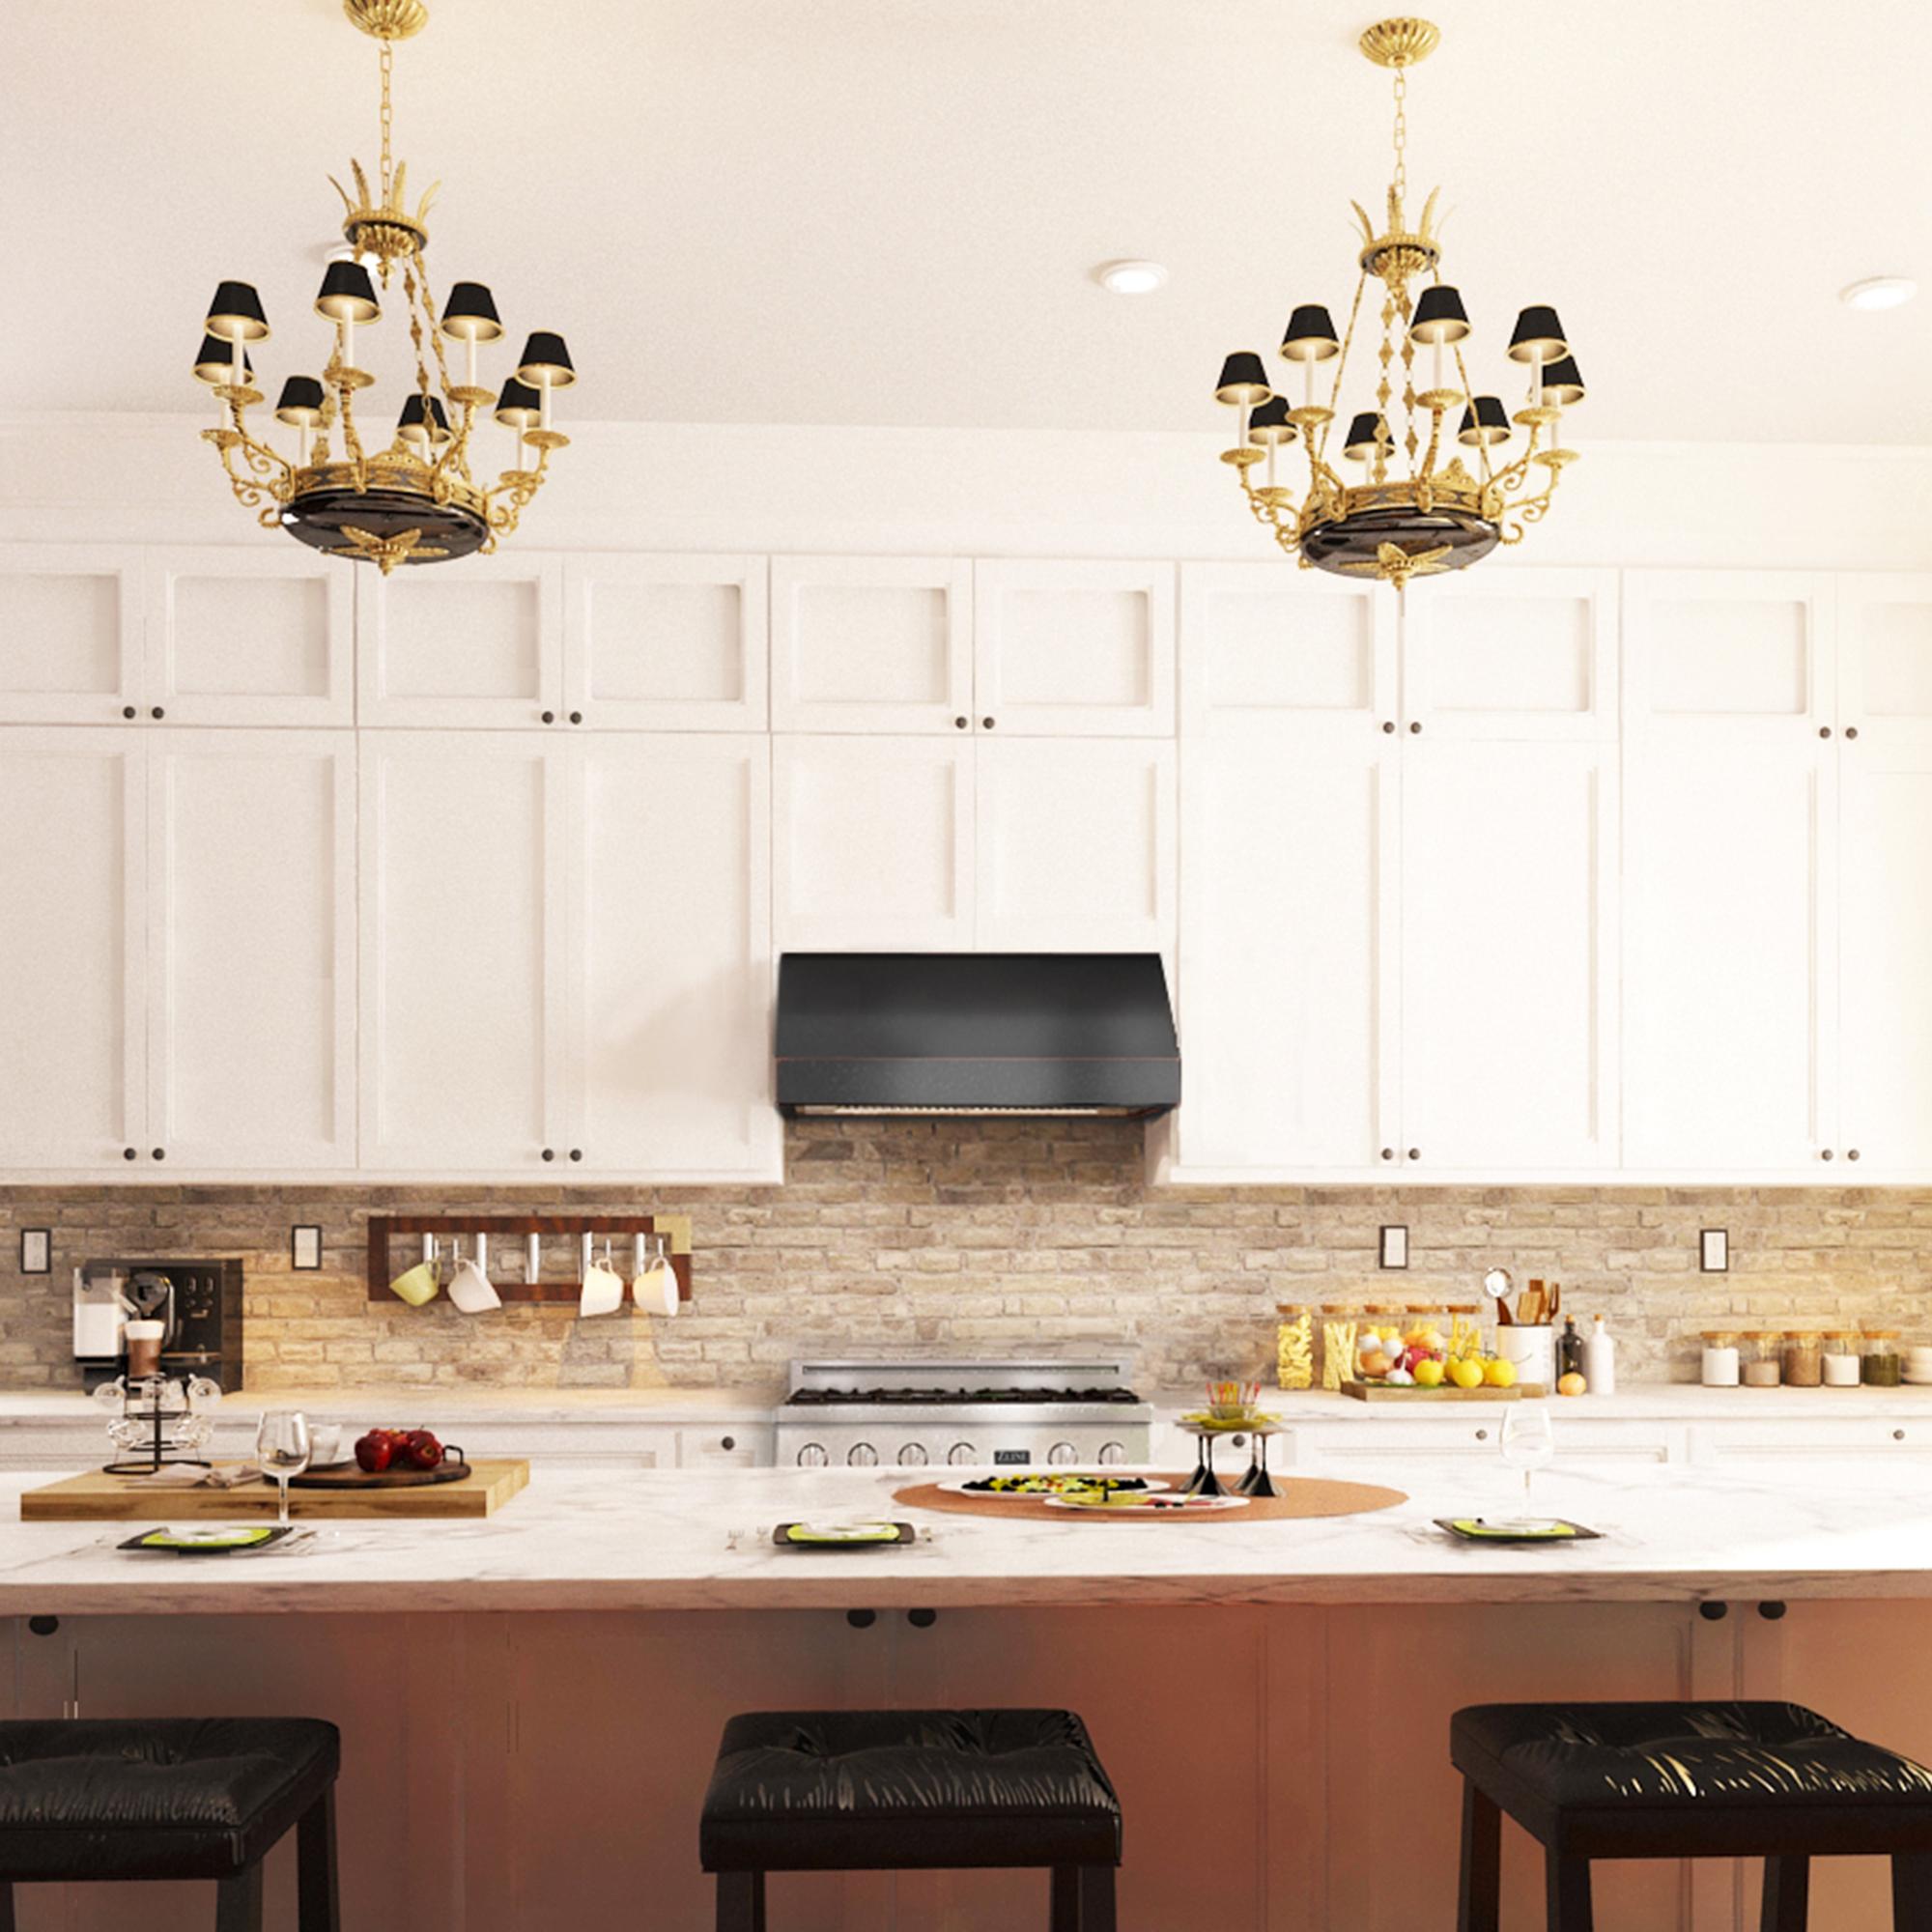 zline-black-under-cabinet-range-hood-8685B-kitchen-2.jpg